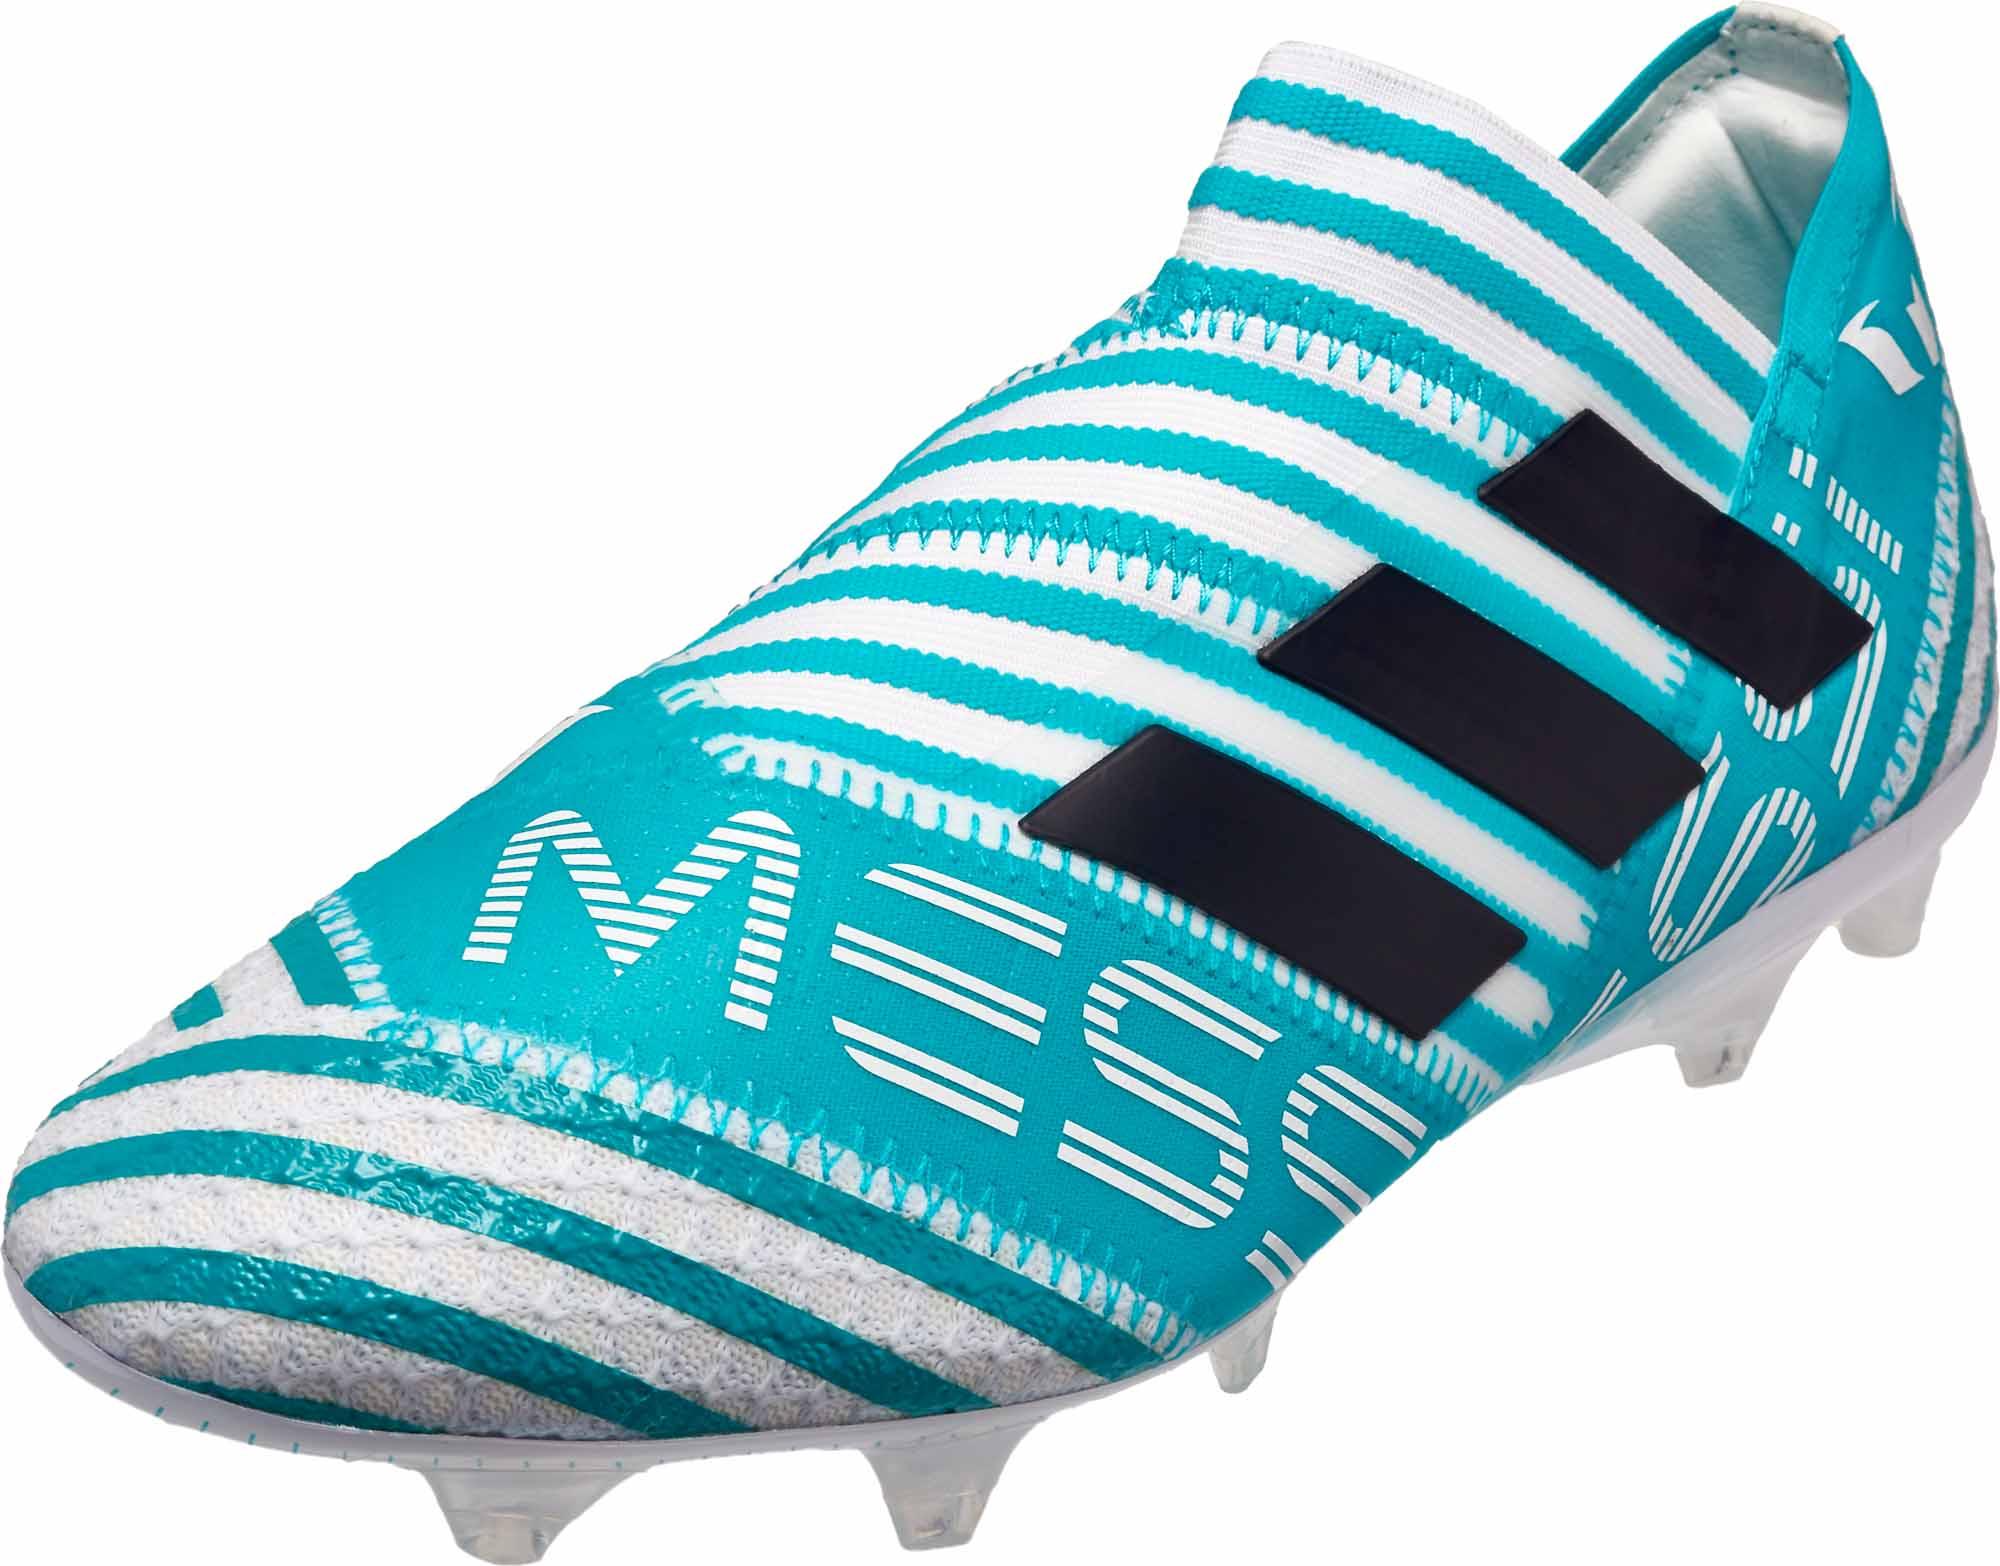 adidas Nemeziz Messi 17+ 360Agility FG